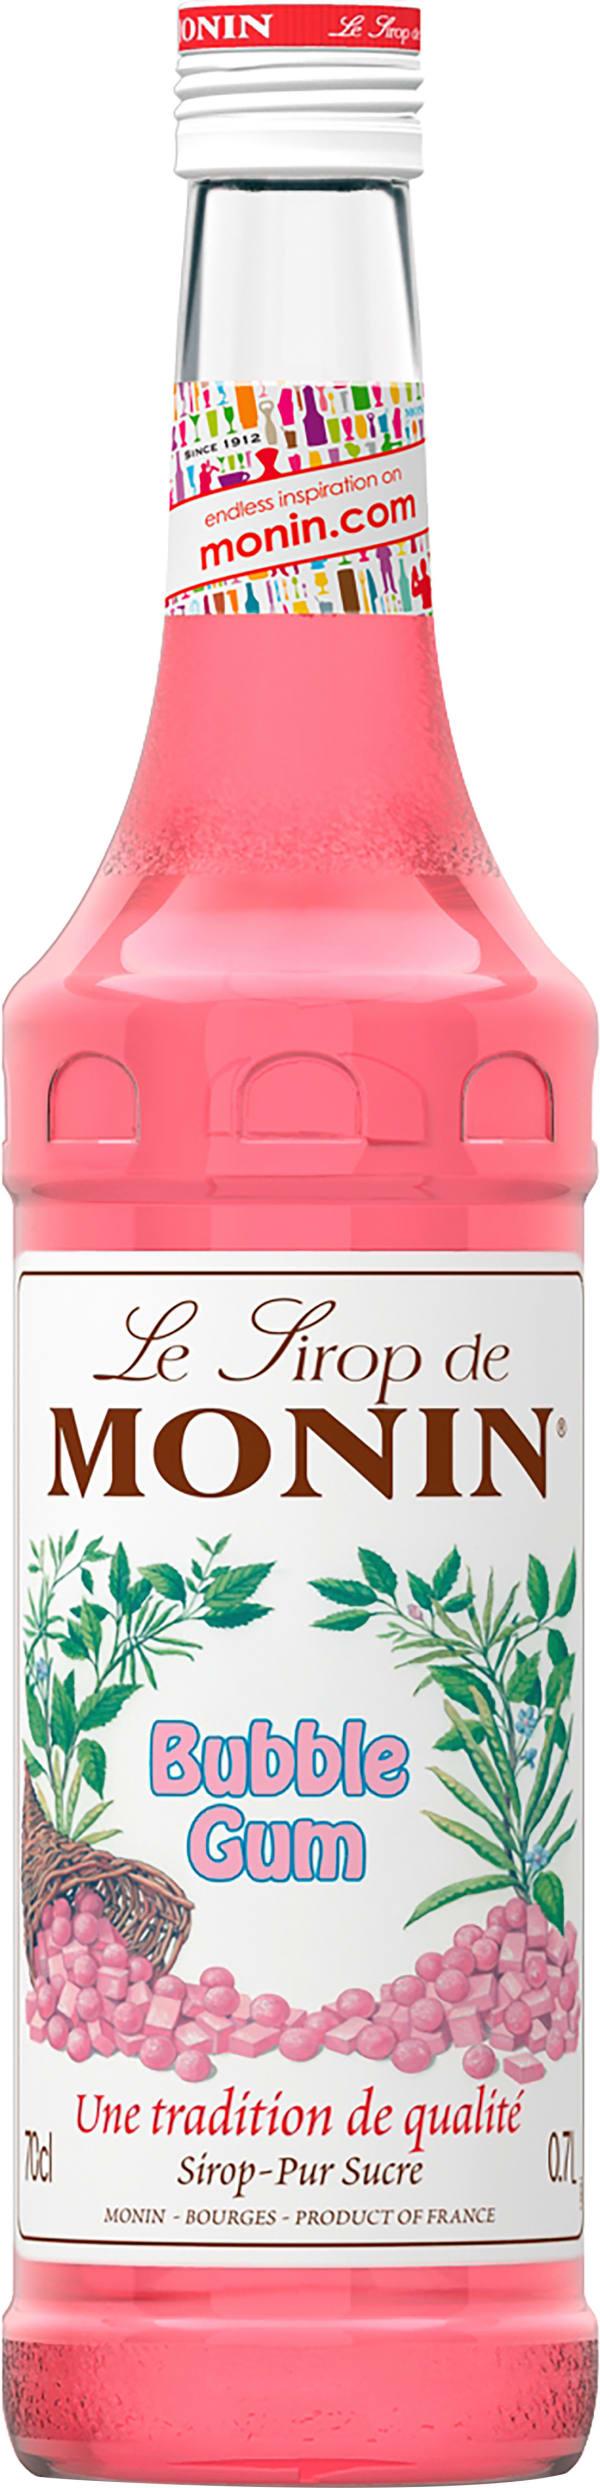 Le Sirop de Monin Bubble Gum